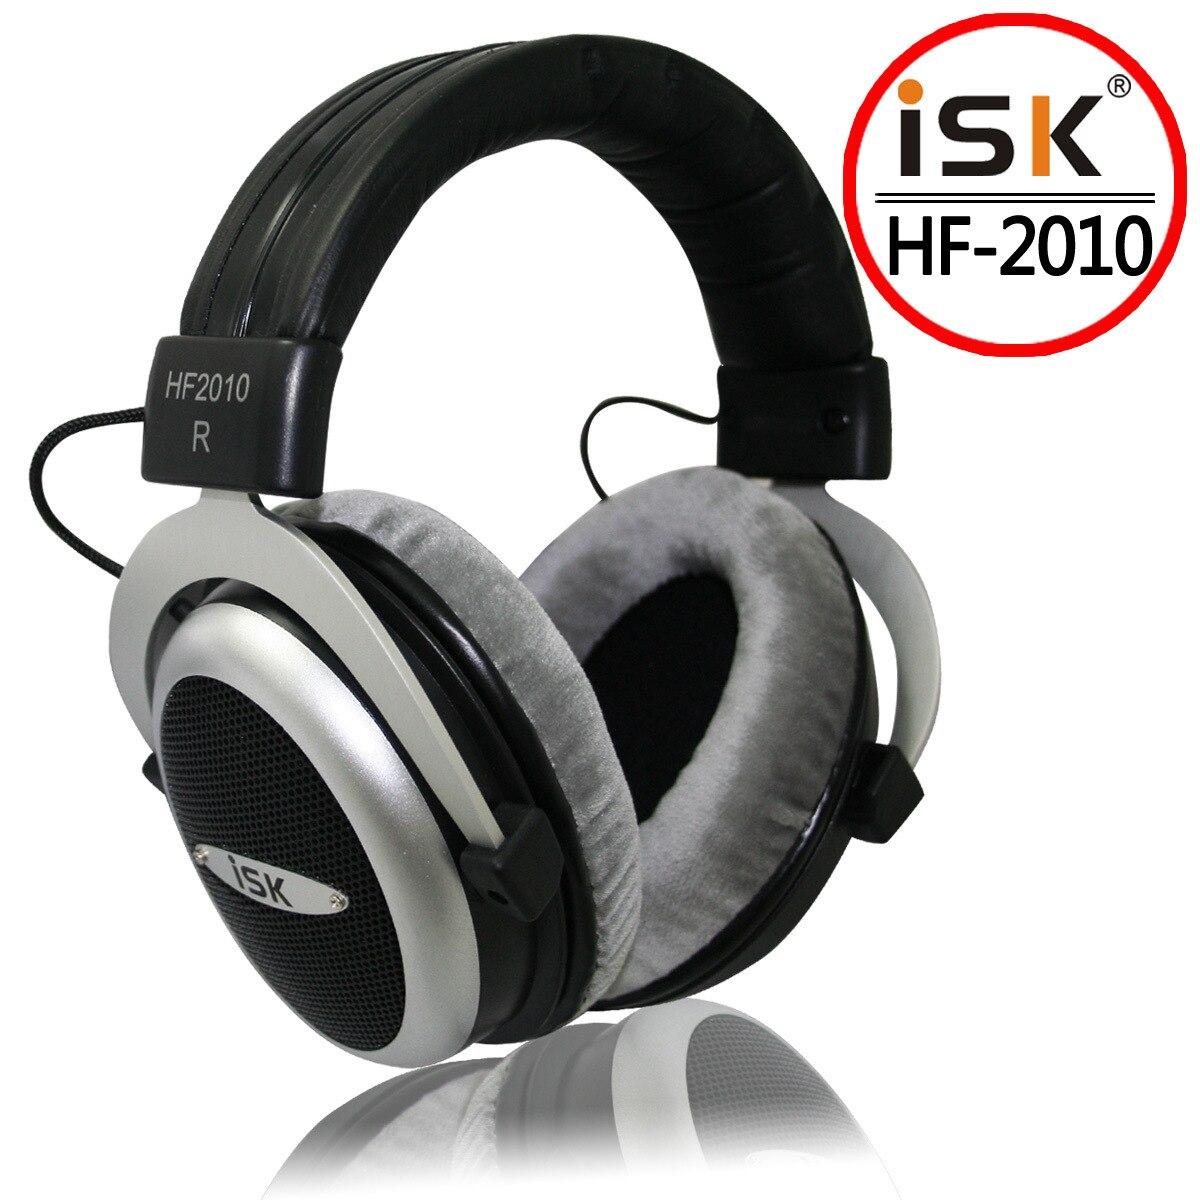 Casques stéréo Semi-ouvert d'origine ISK HF2010 écouteurs stéréo Studio enregistrement casque Audio casque antibruit - 3